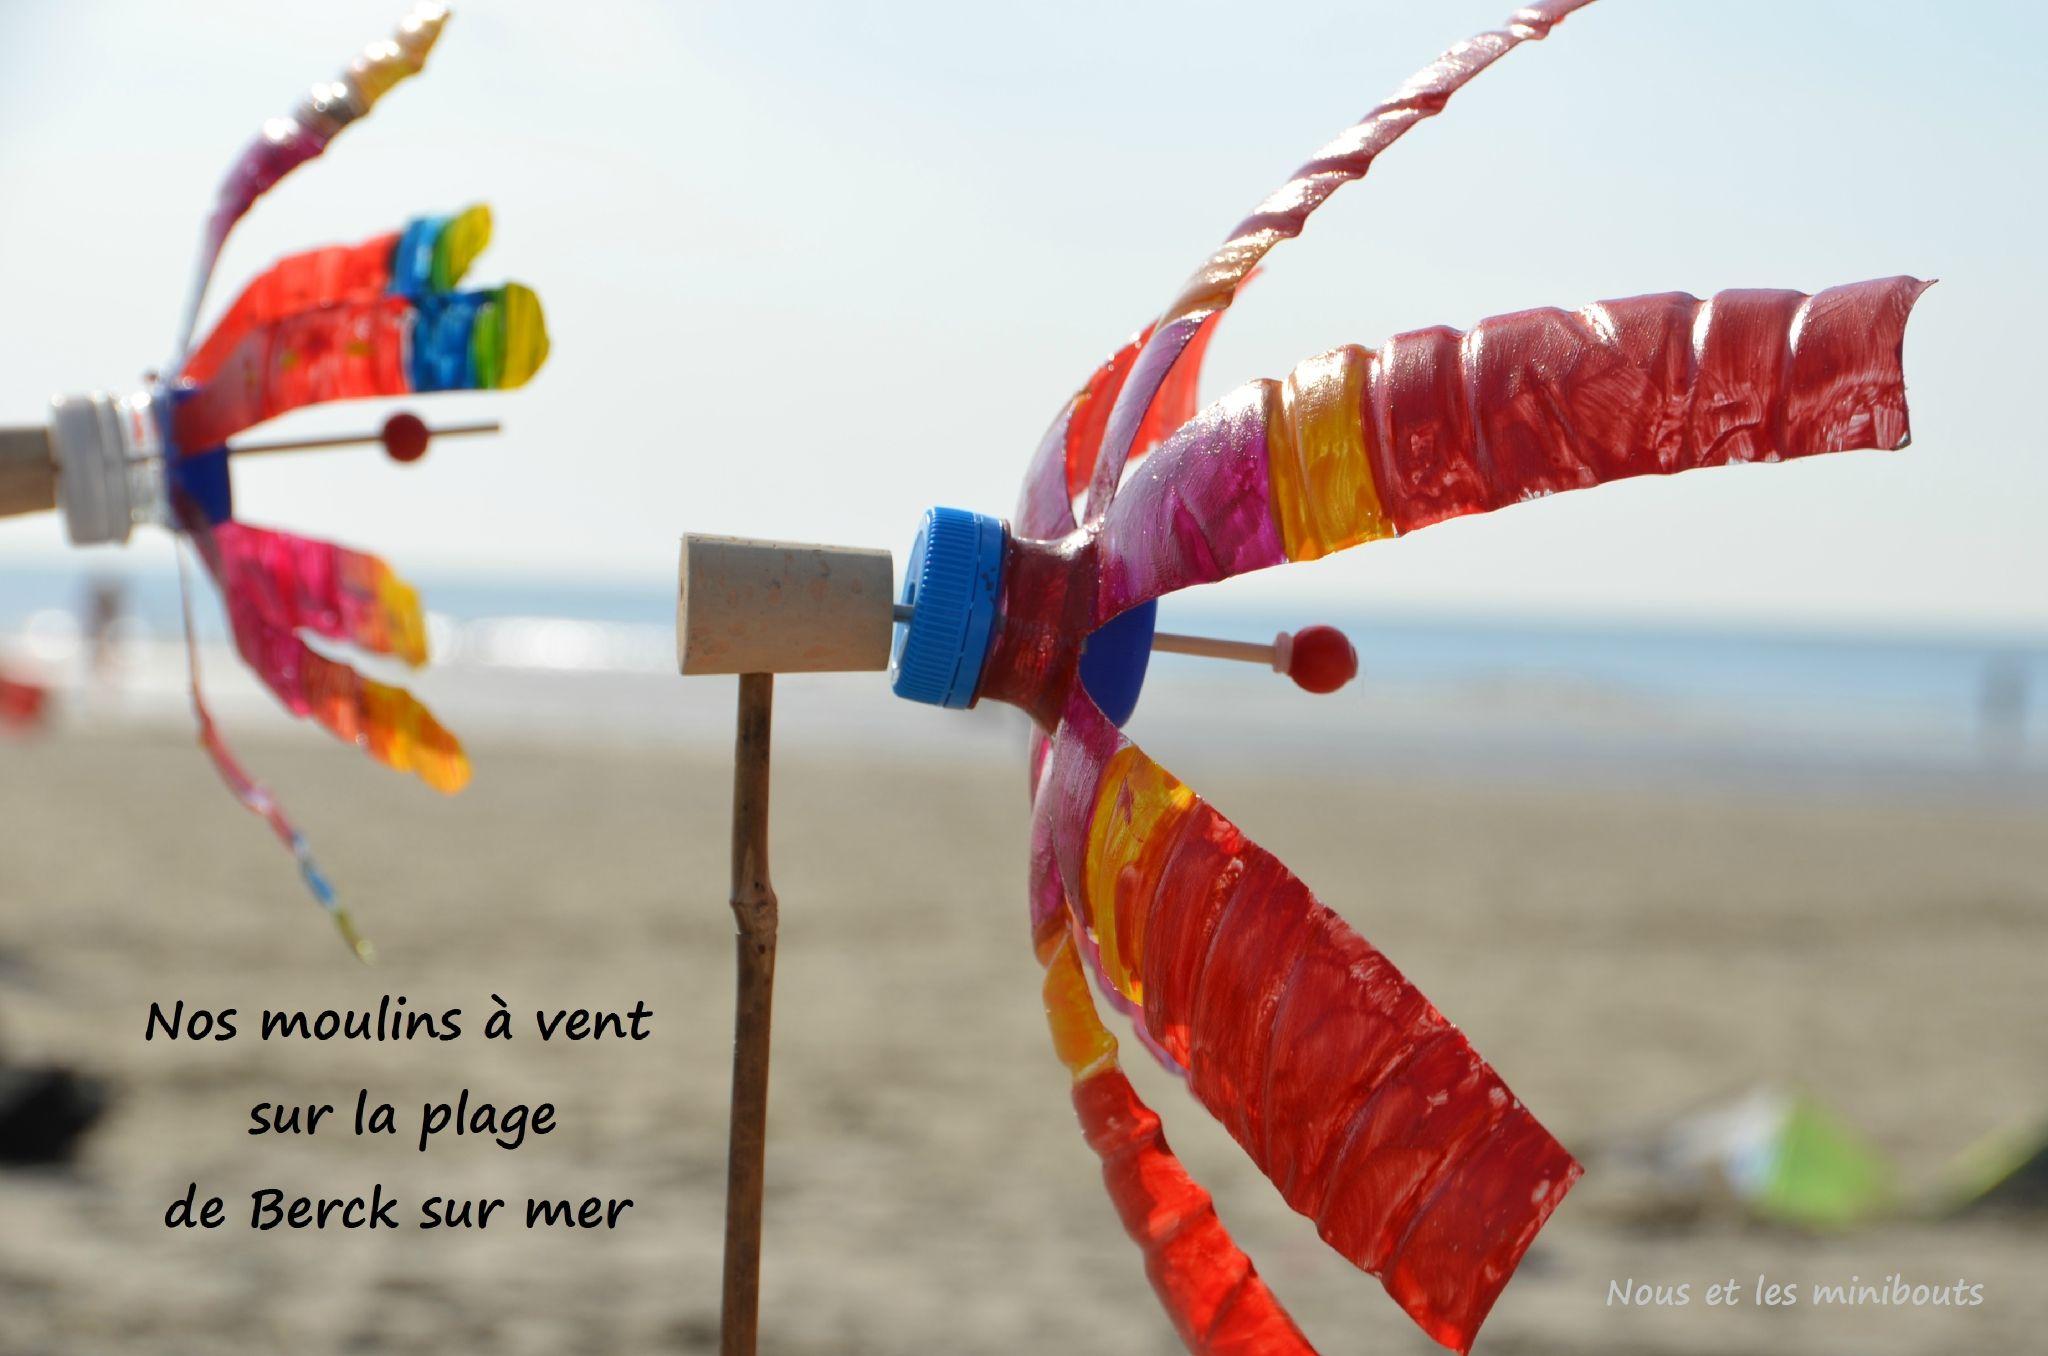 922d617eea2a6f3e21e60521902c66b3 Jpg 2048 1356 Moulin A Vent Comment Fabriquer Un Le Moulin